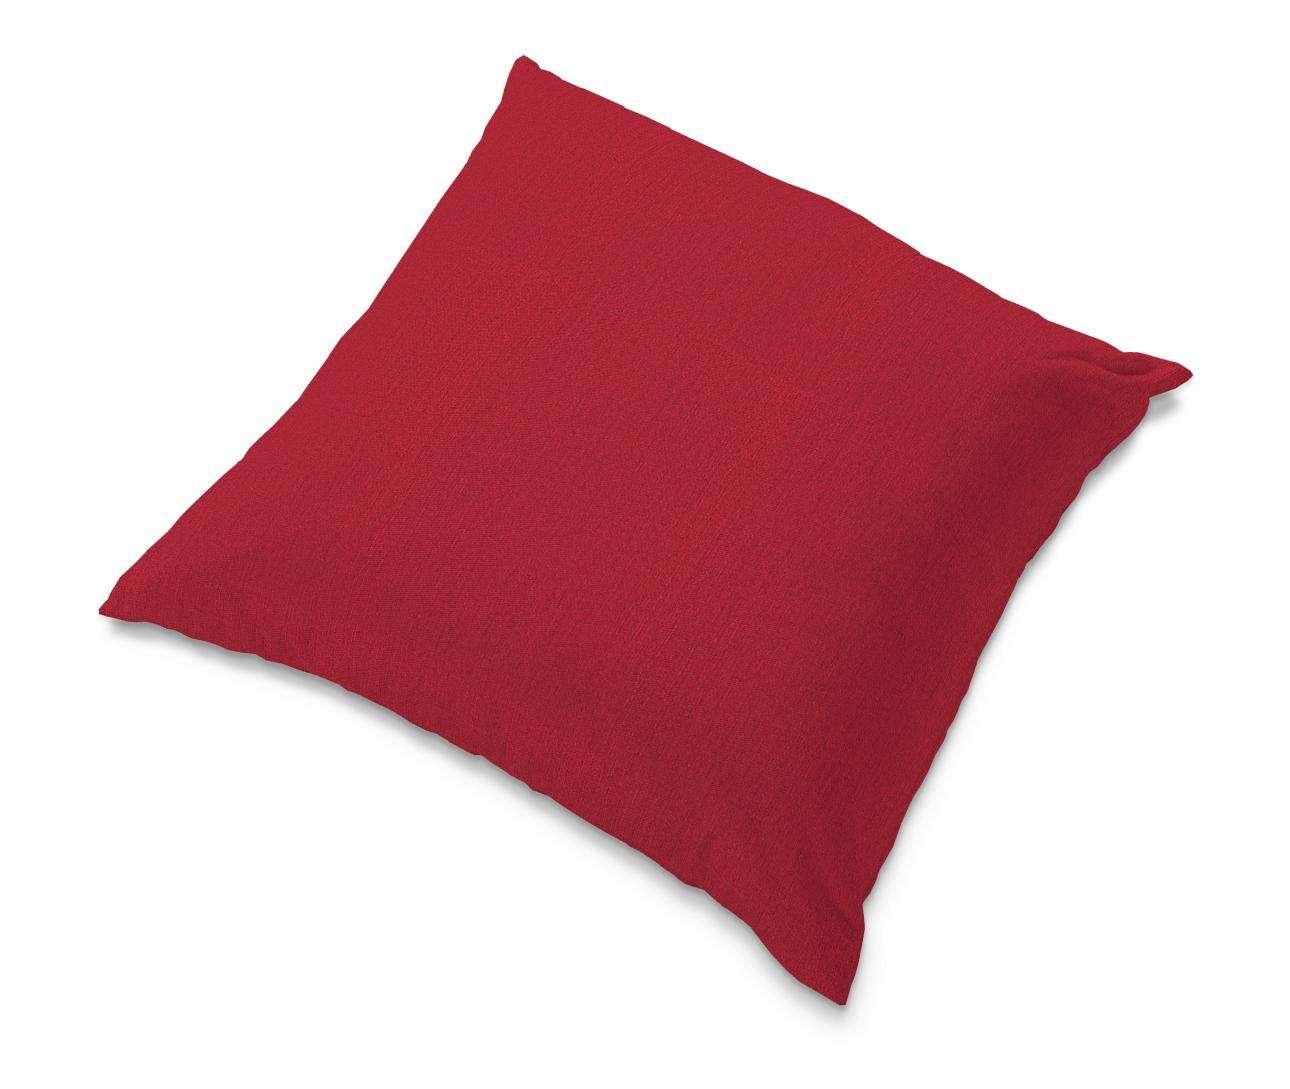 TOMELILLA pagalvėlės užvalkalas 55 x 55 cm kolekcijoje Chenille, audinys: 702-24